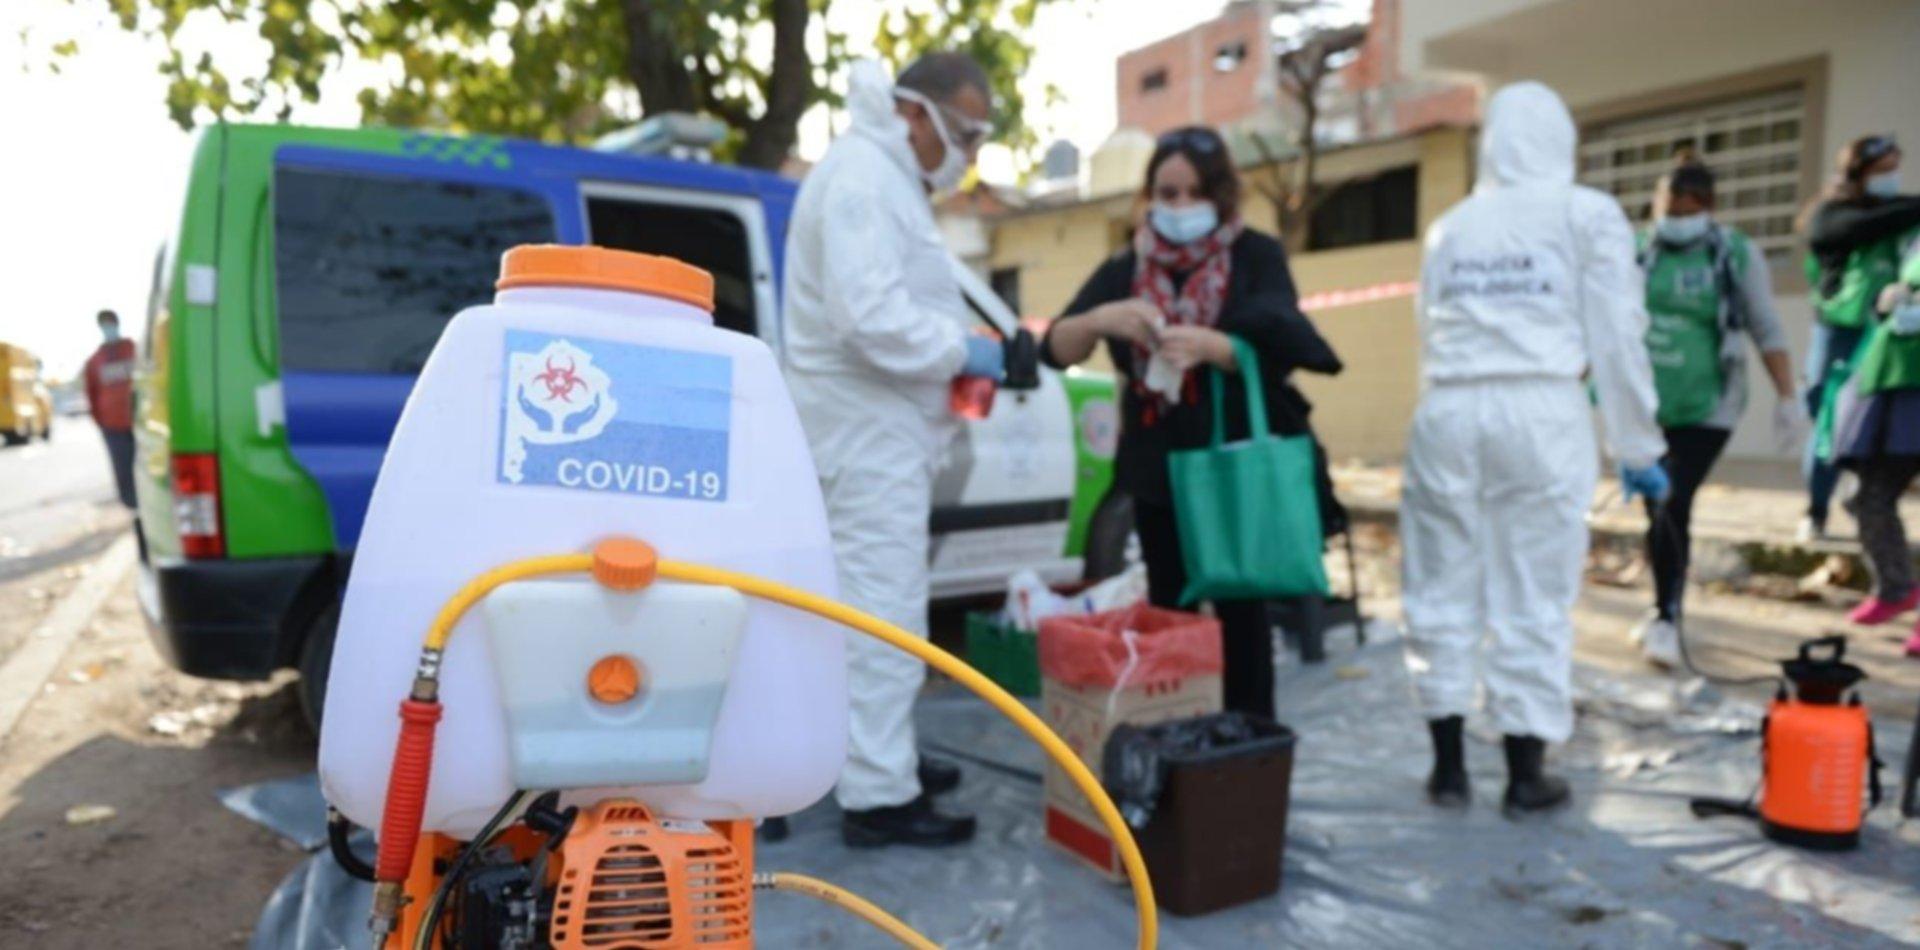 VIDEO: Así fue el operativo para testear a los vecinos en el barrio José Luis Cabezas